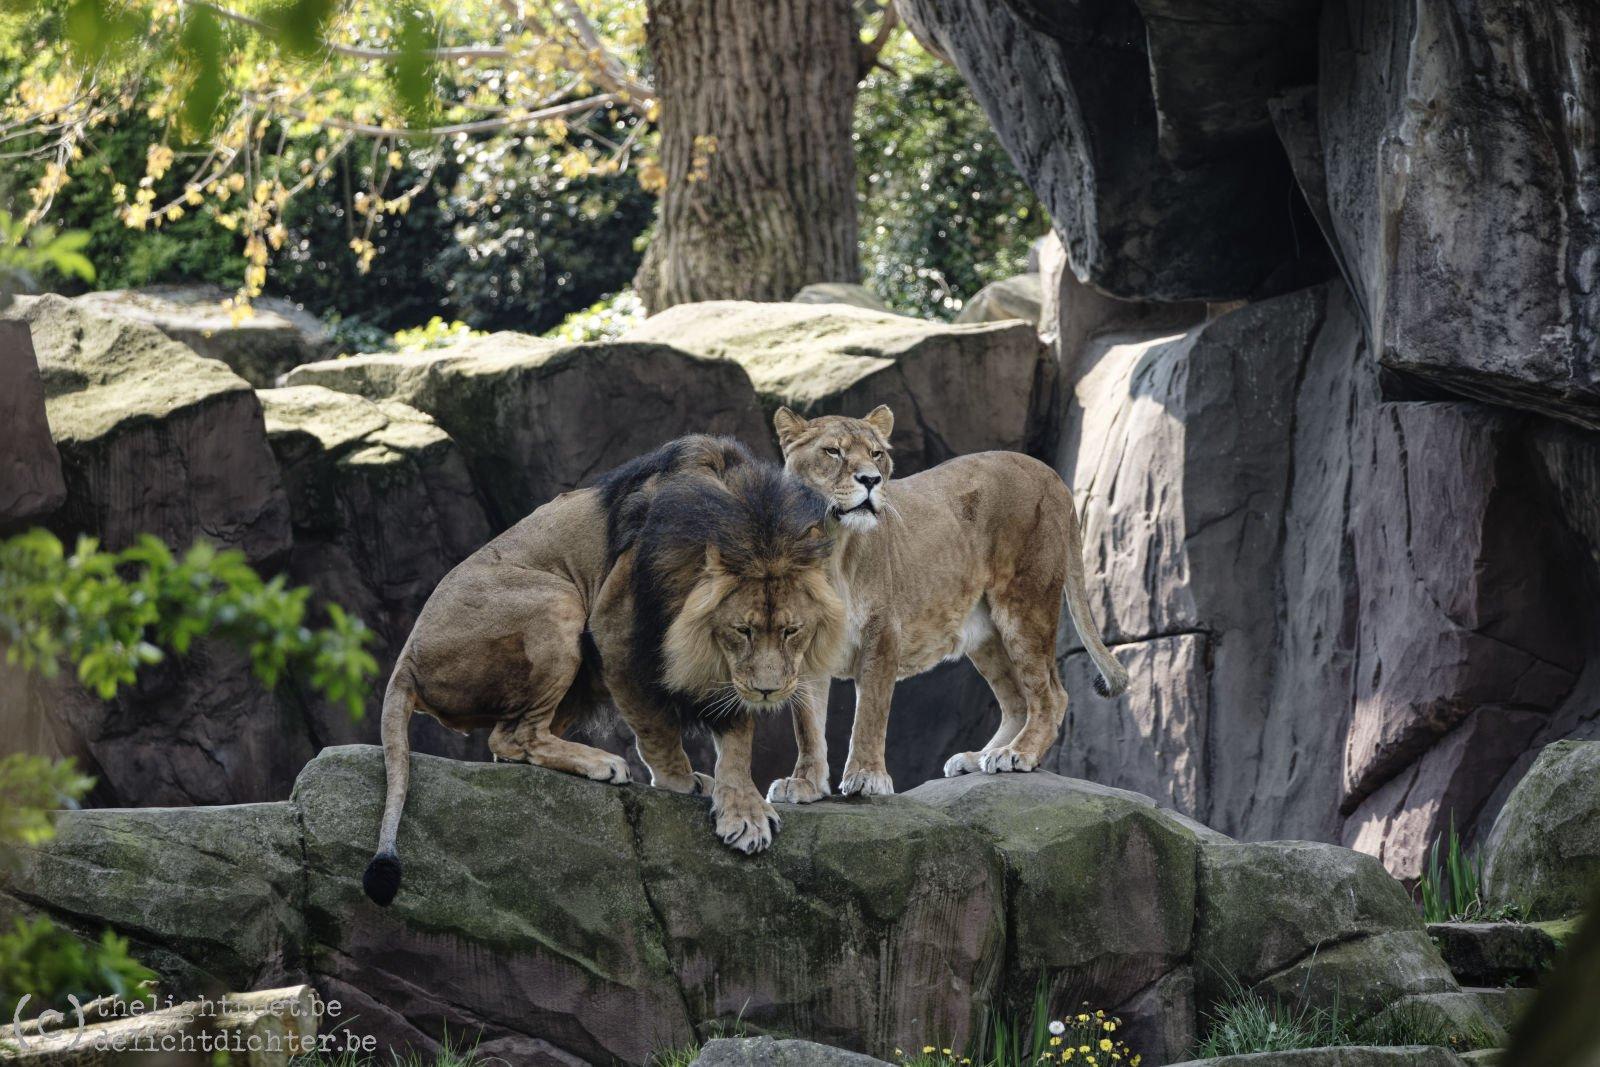 2019_04_Zoo_20190407_140236a_DxO_PL2_1600px